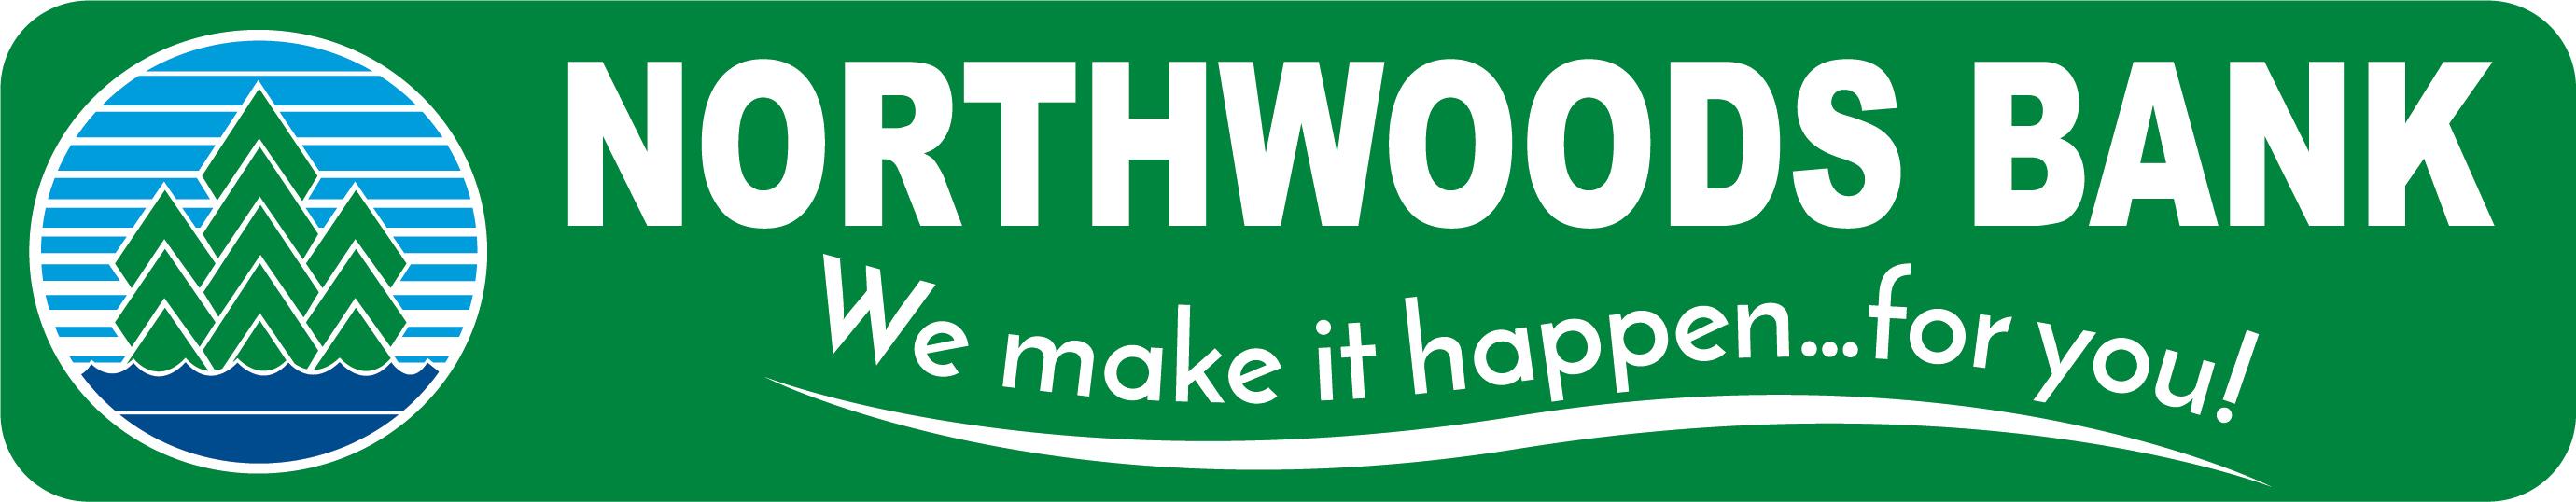 Logo for Northwoods Bank, We Make it Happen